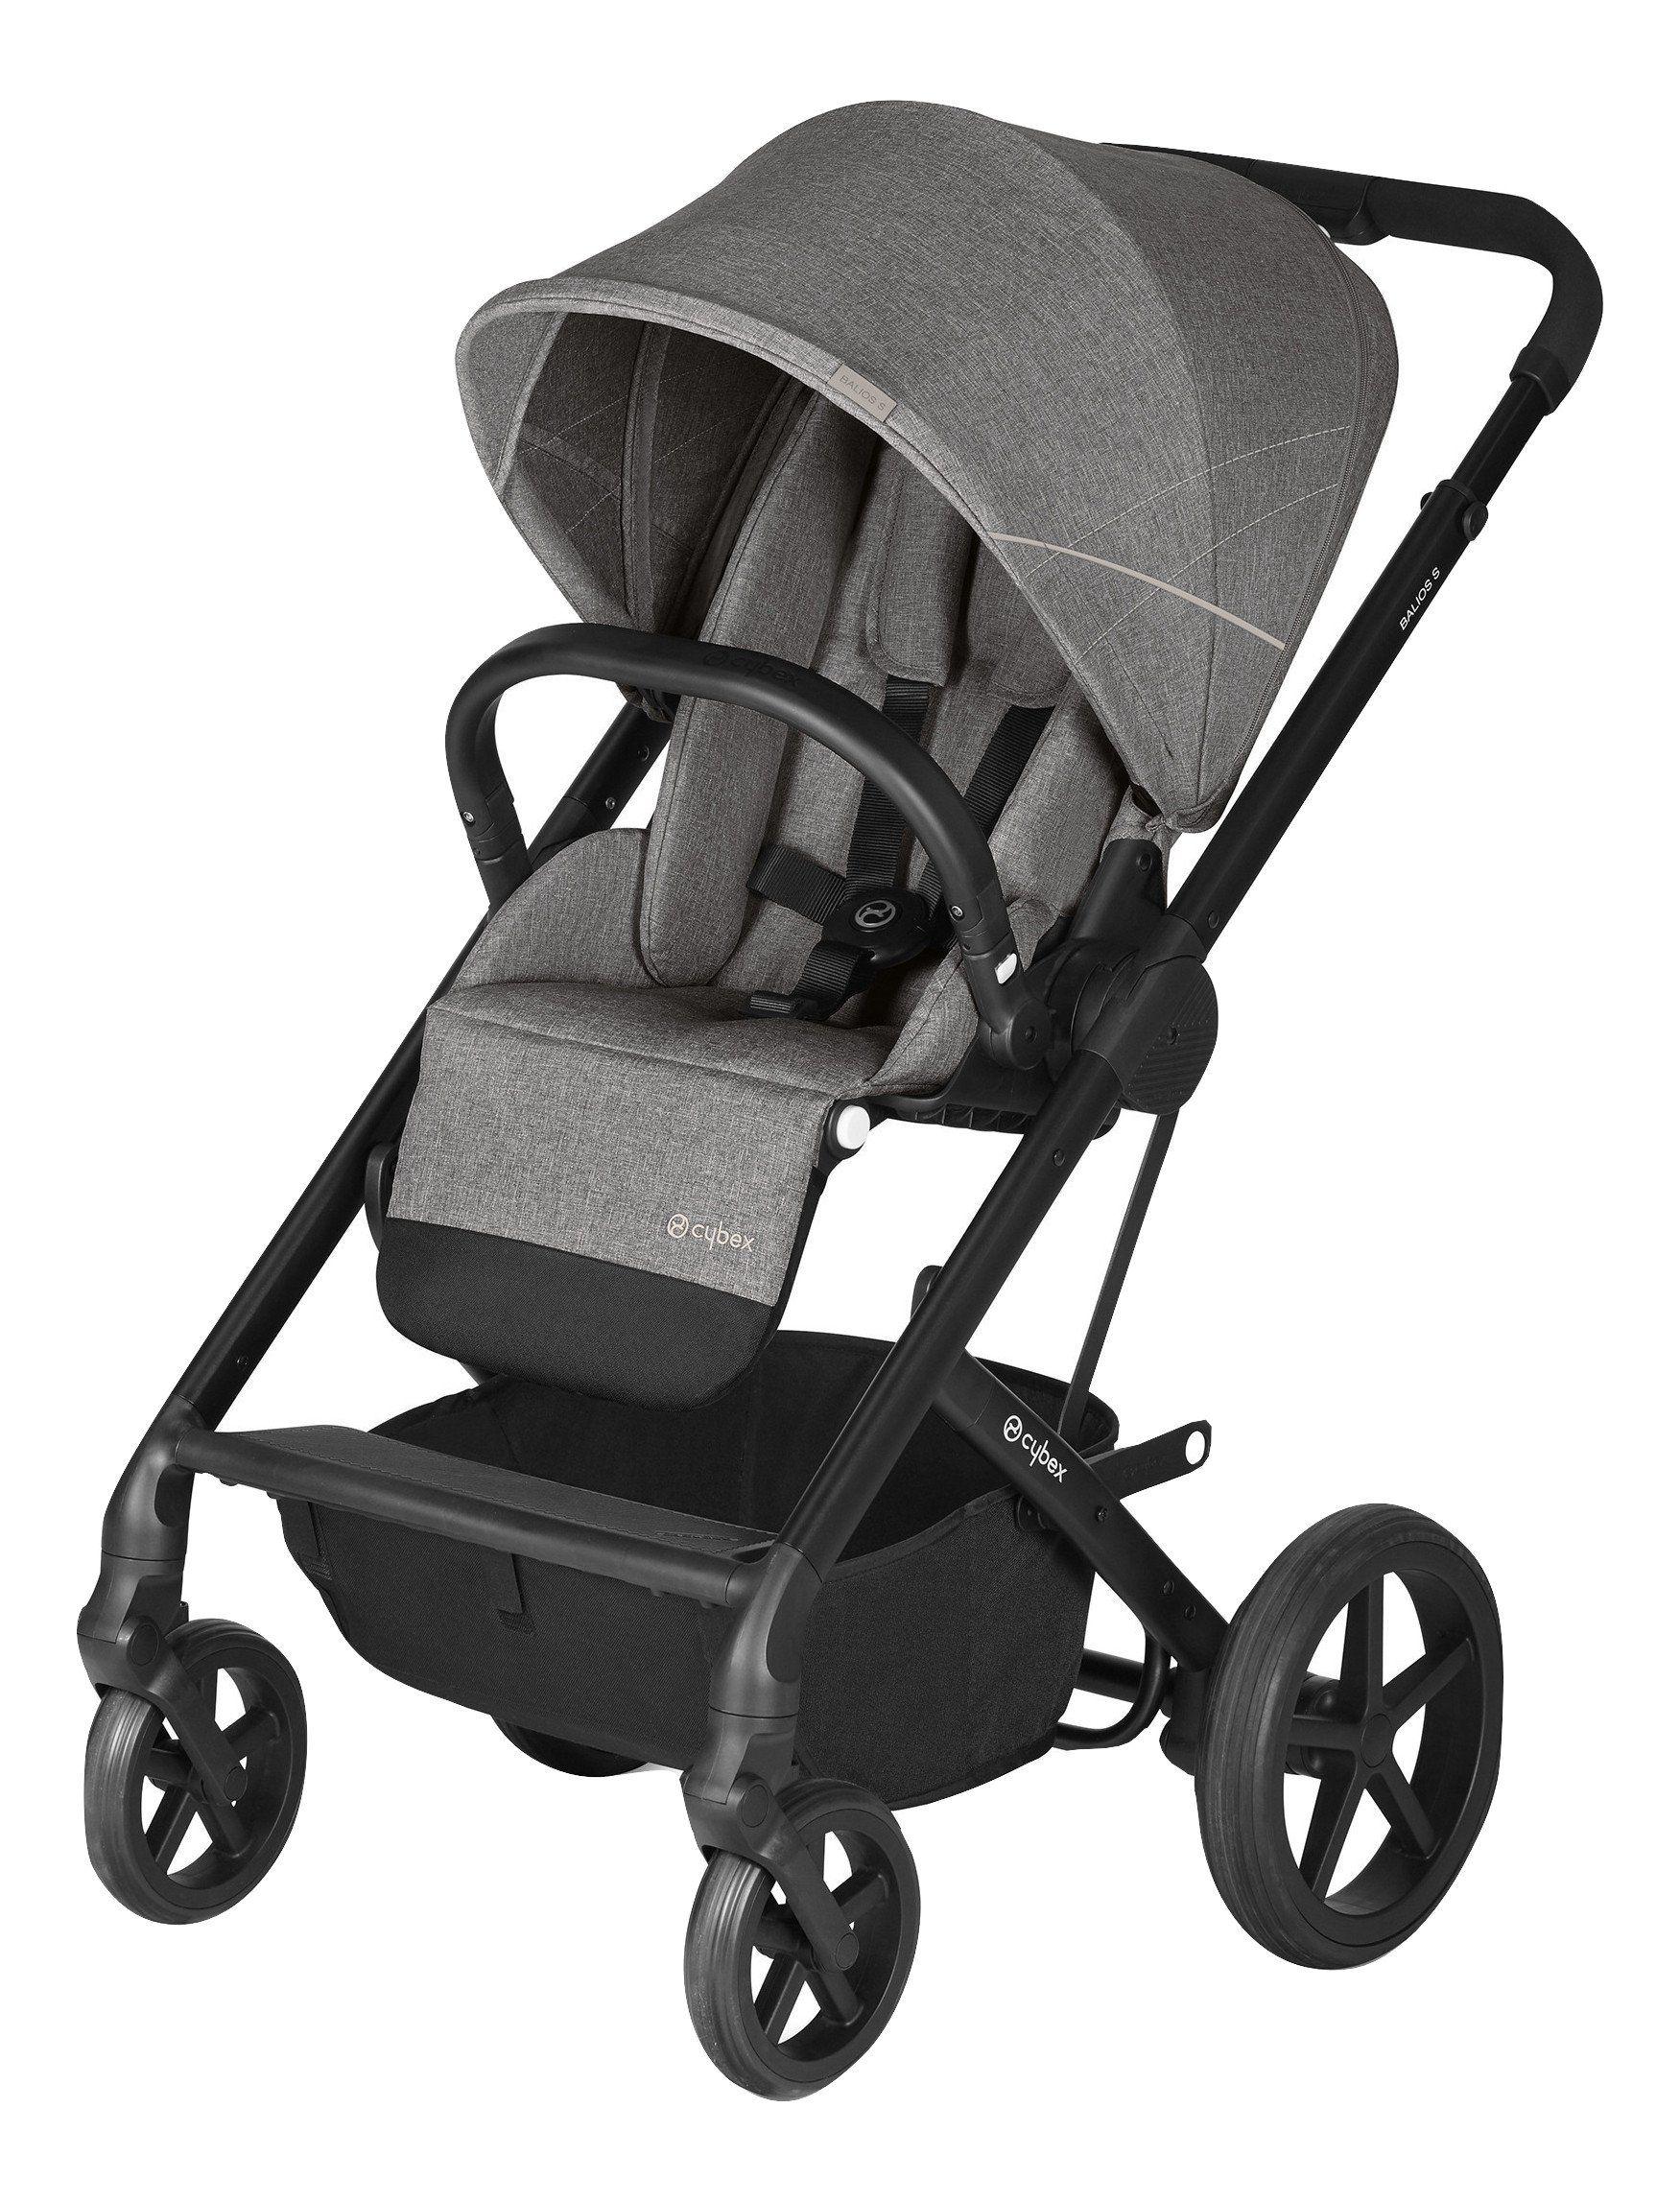 Cybex Balios S (Manhattan Grey) stroller baby parents